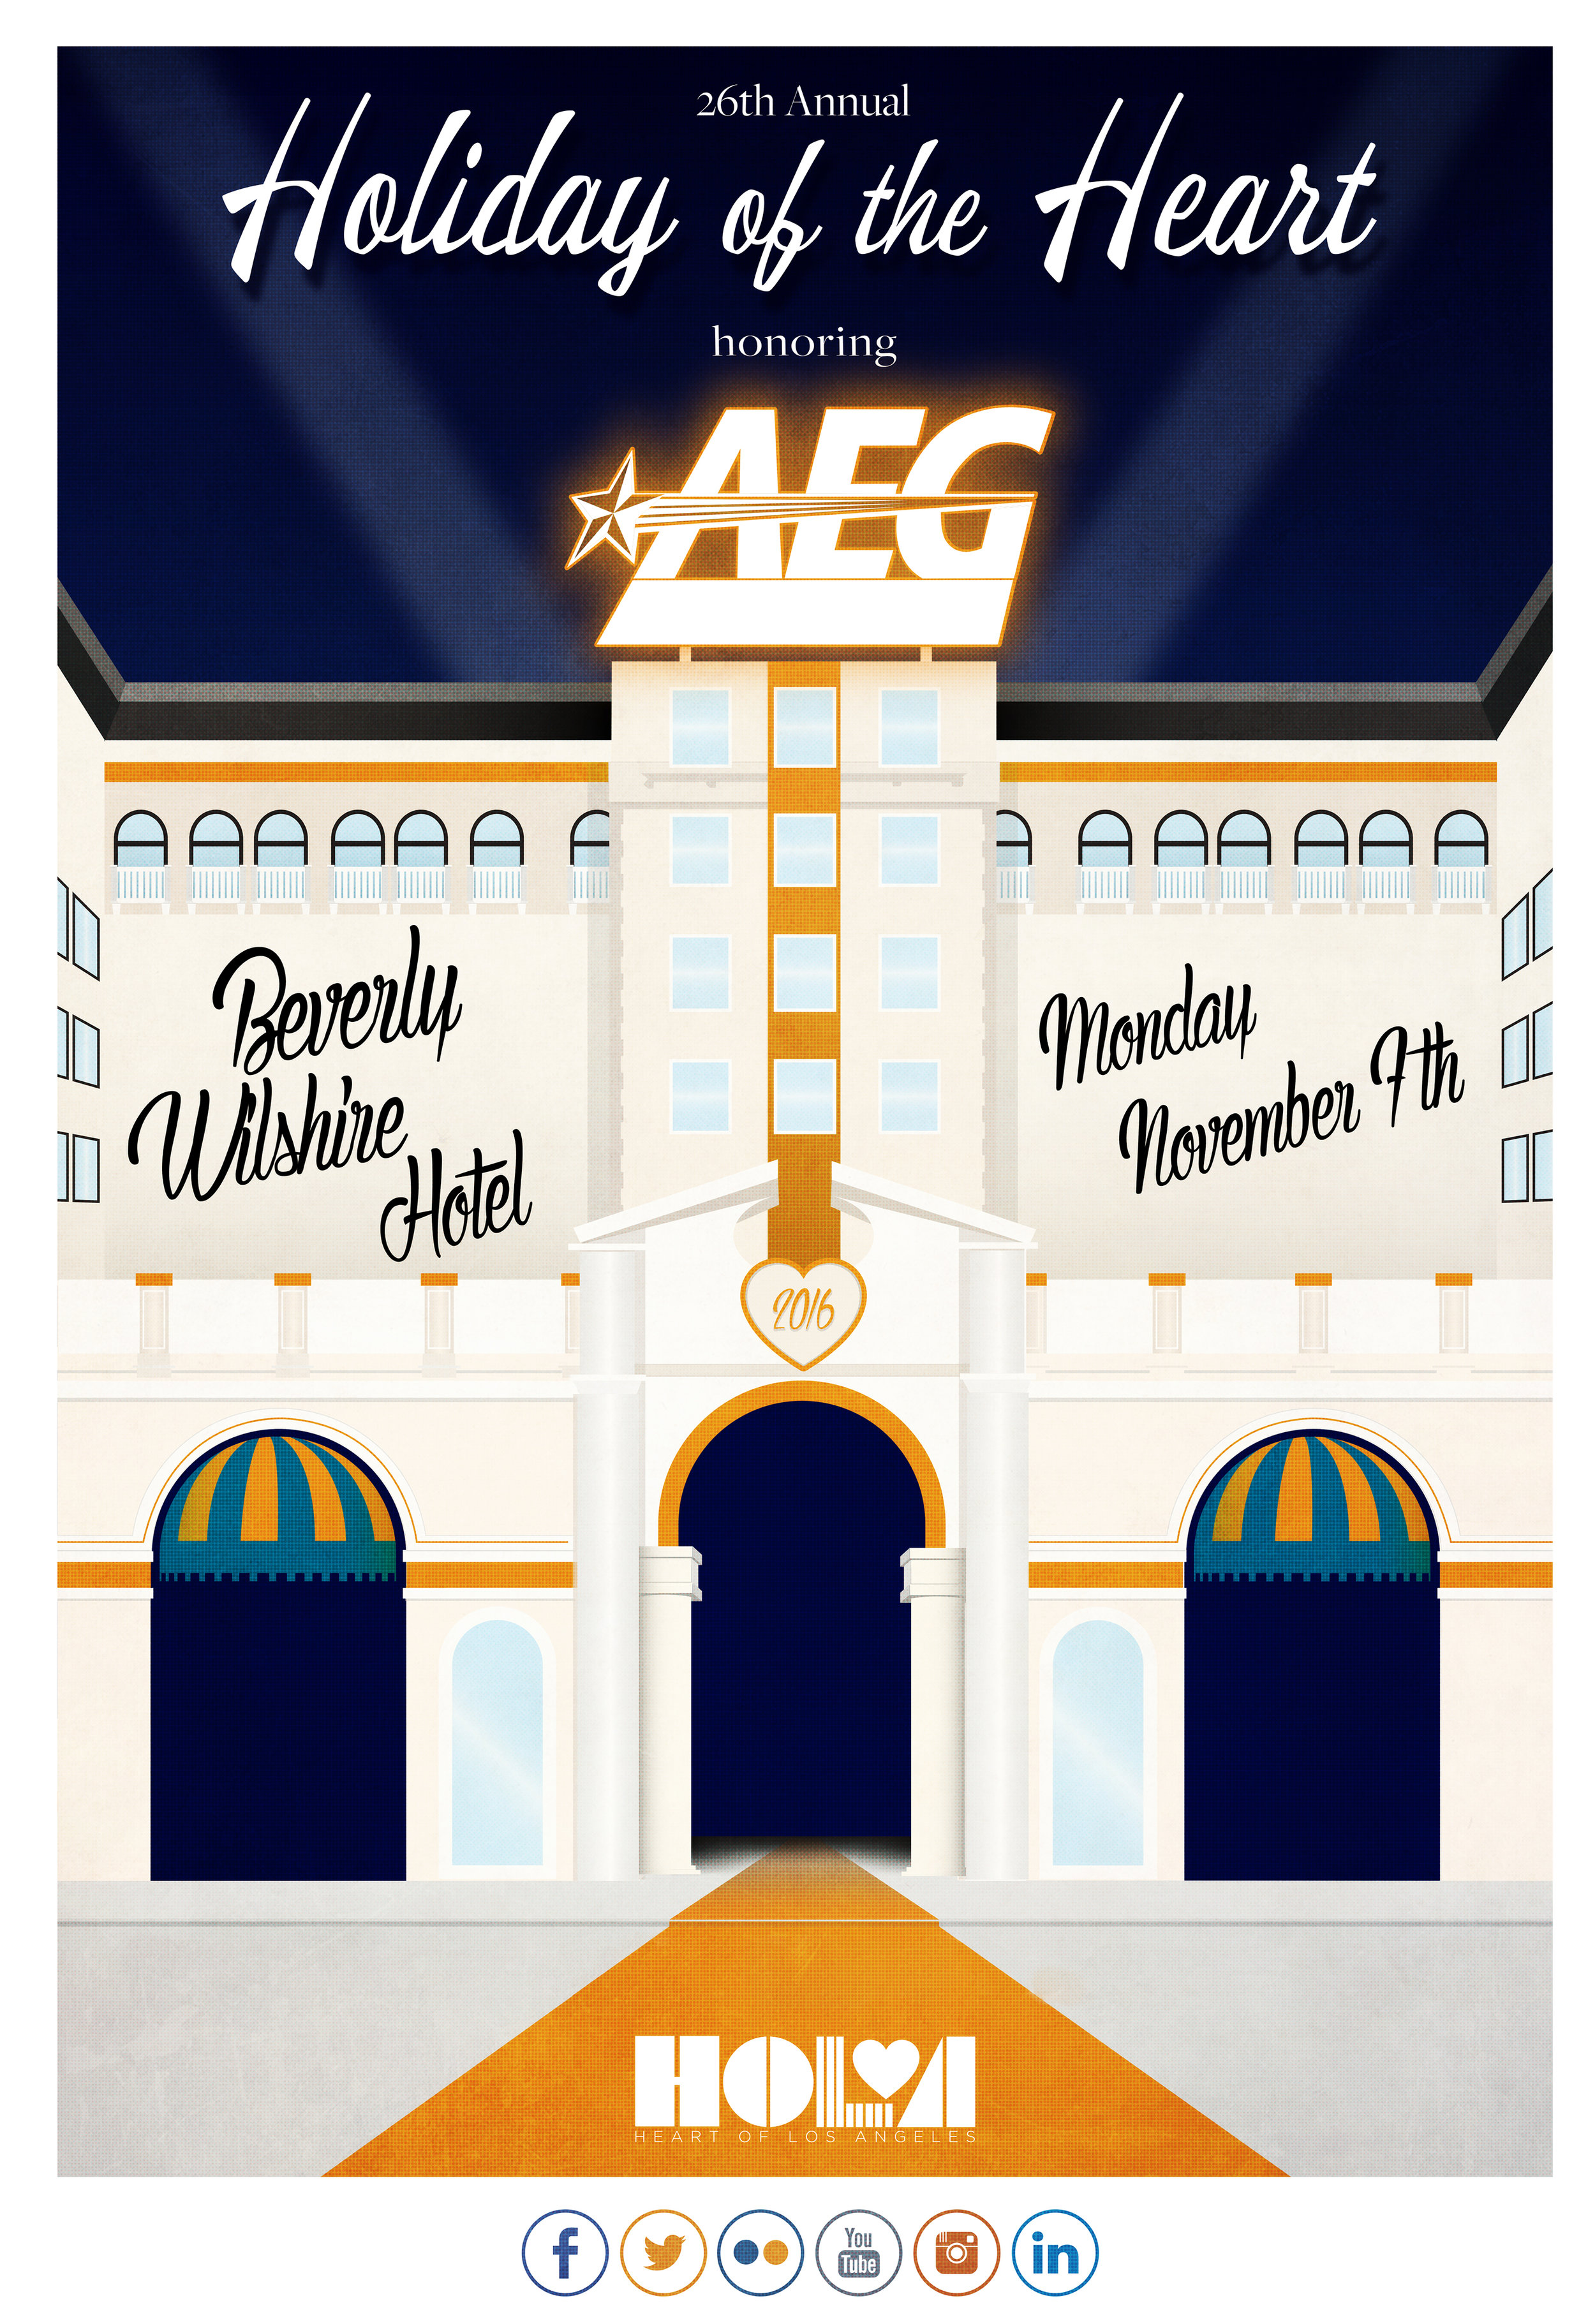 BEVERLY WILSHIRE - AEG & HOLA